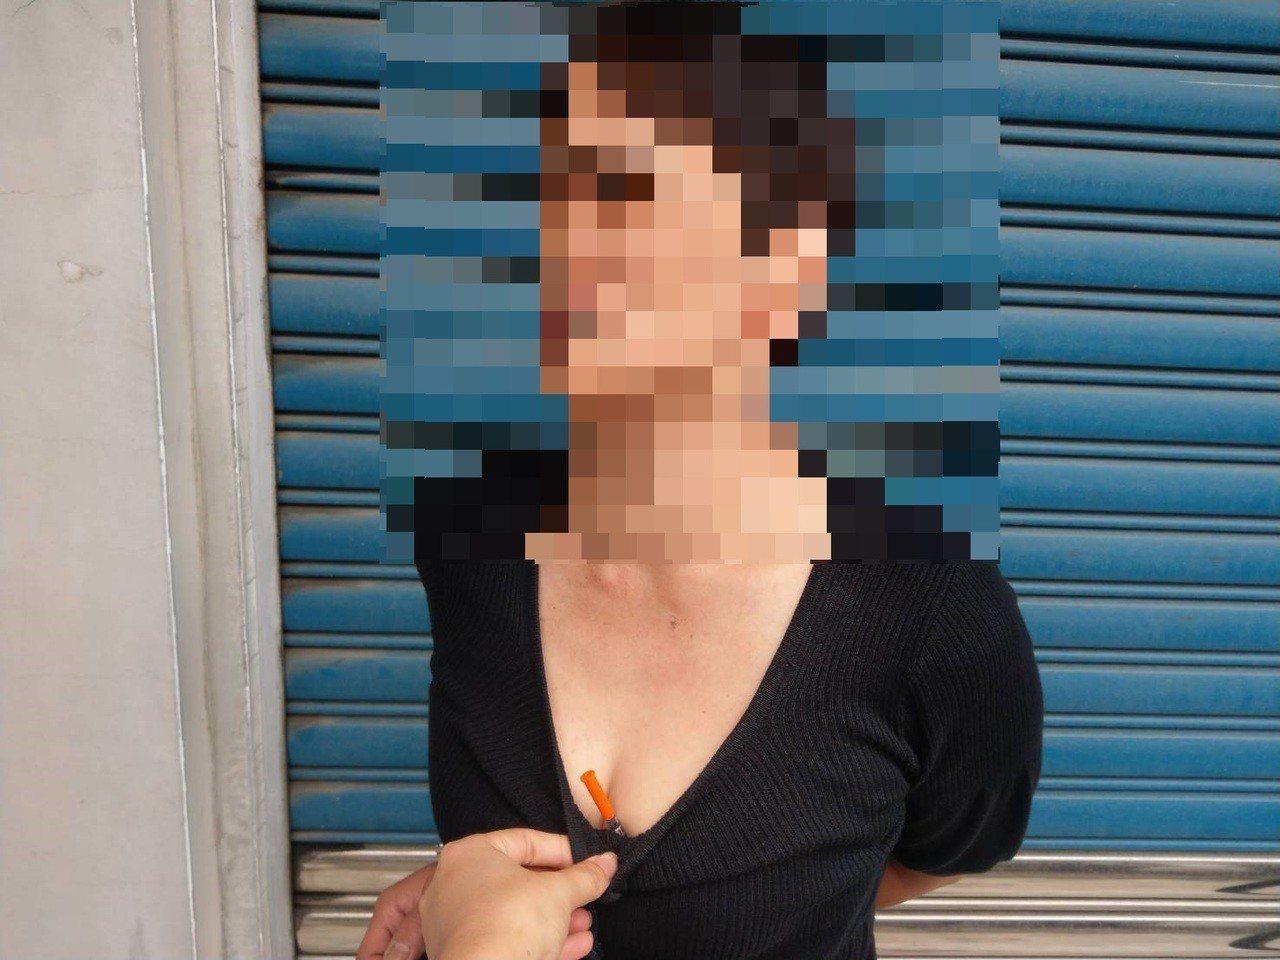 吳姓女子涉嫌吸食毒品與持有毒品,針筒藏在乳溝遭警查獲。記者徐白櫻/翻攝